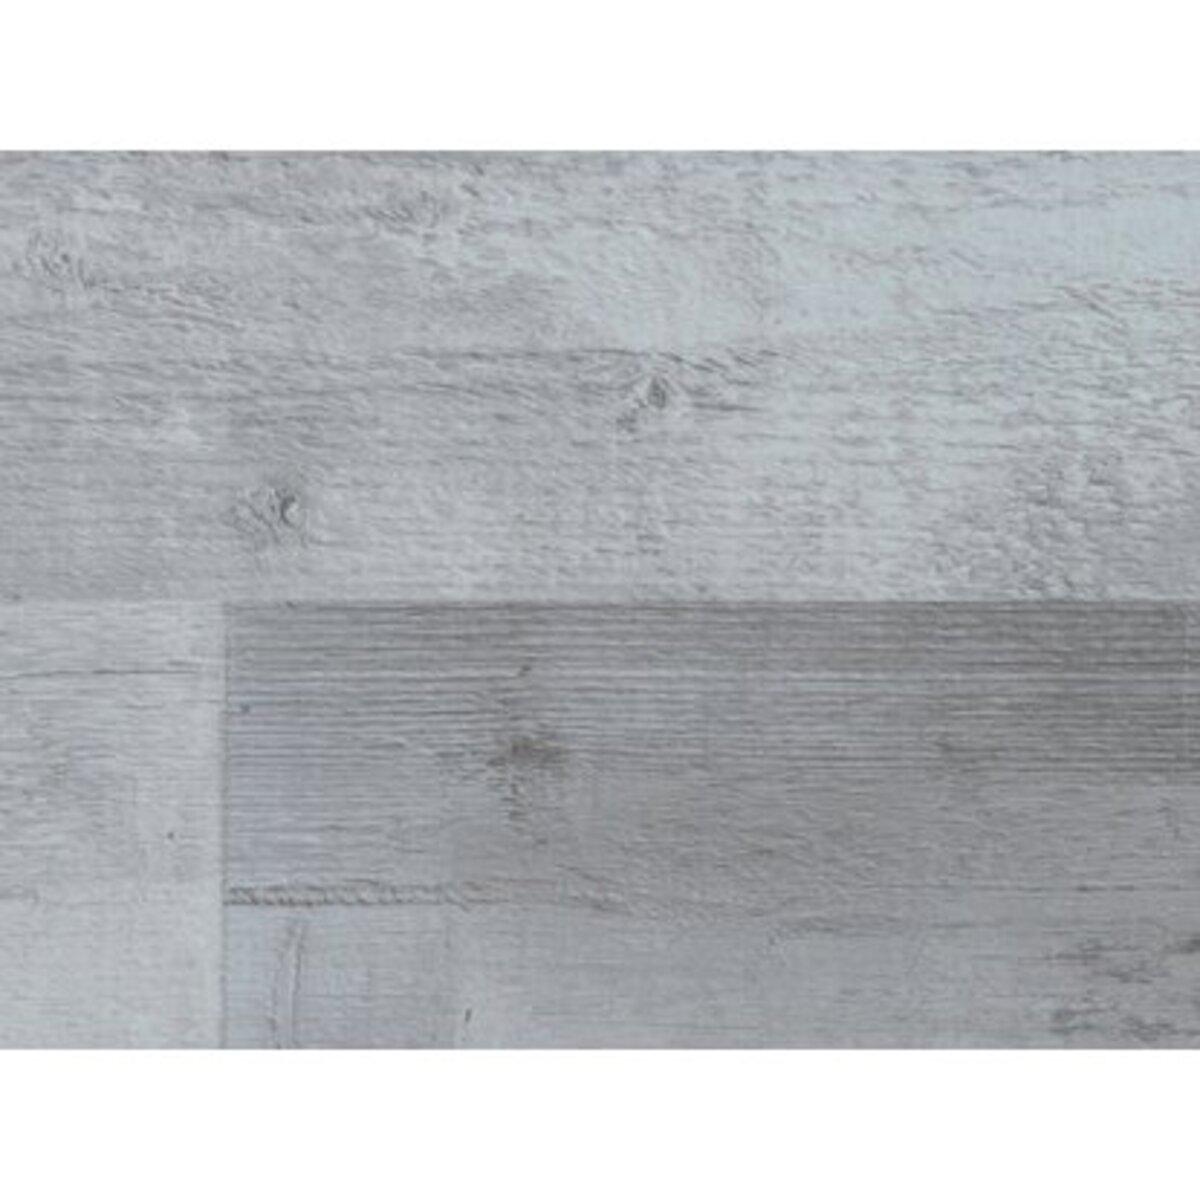 Bild 2 von OBI Laminatboden Comfort Historic Pine